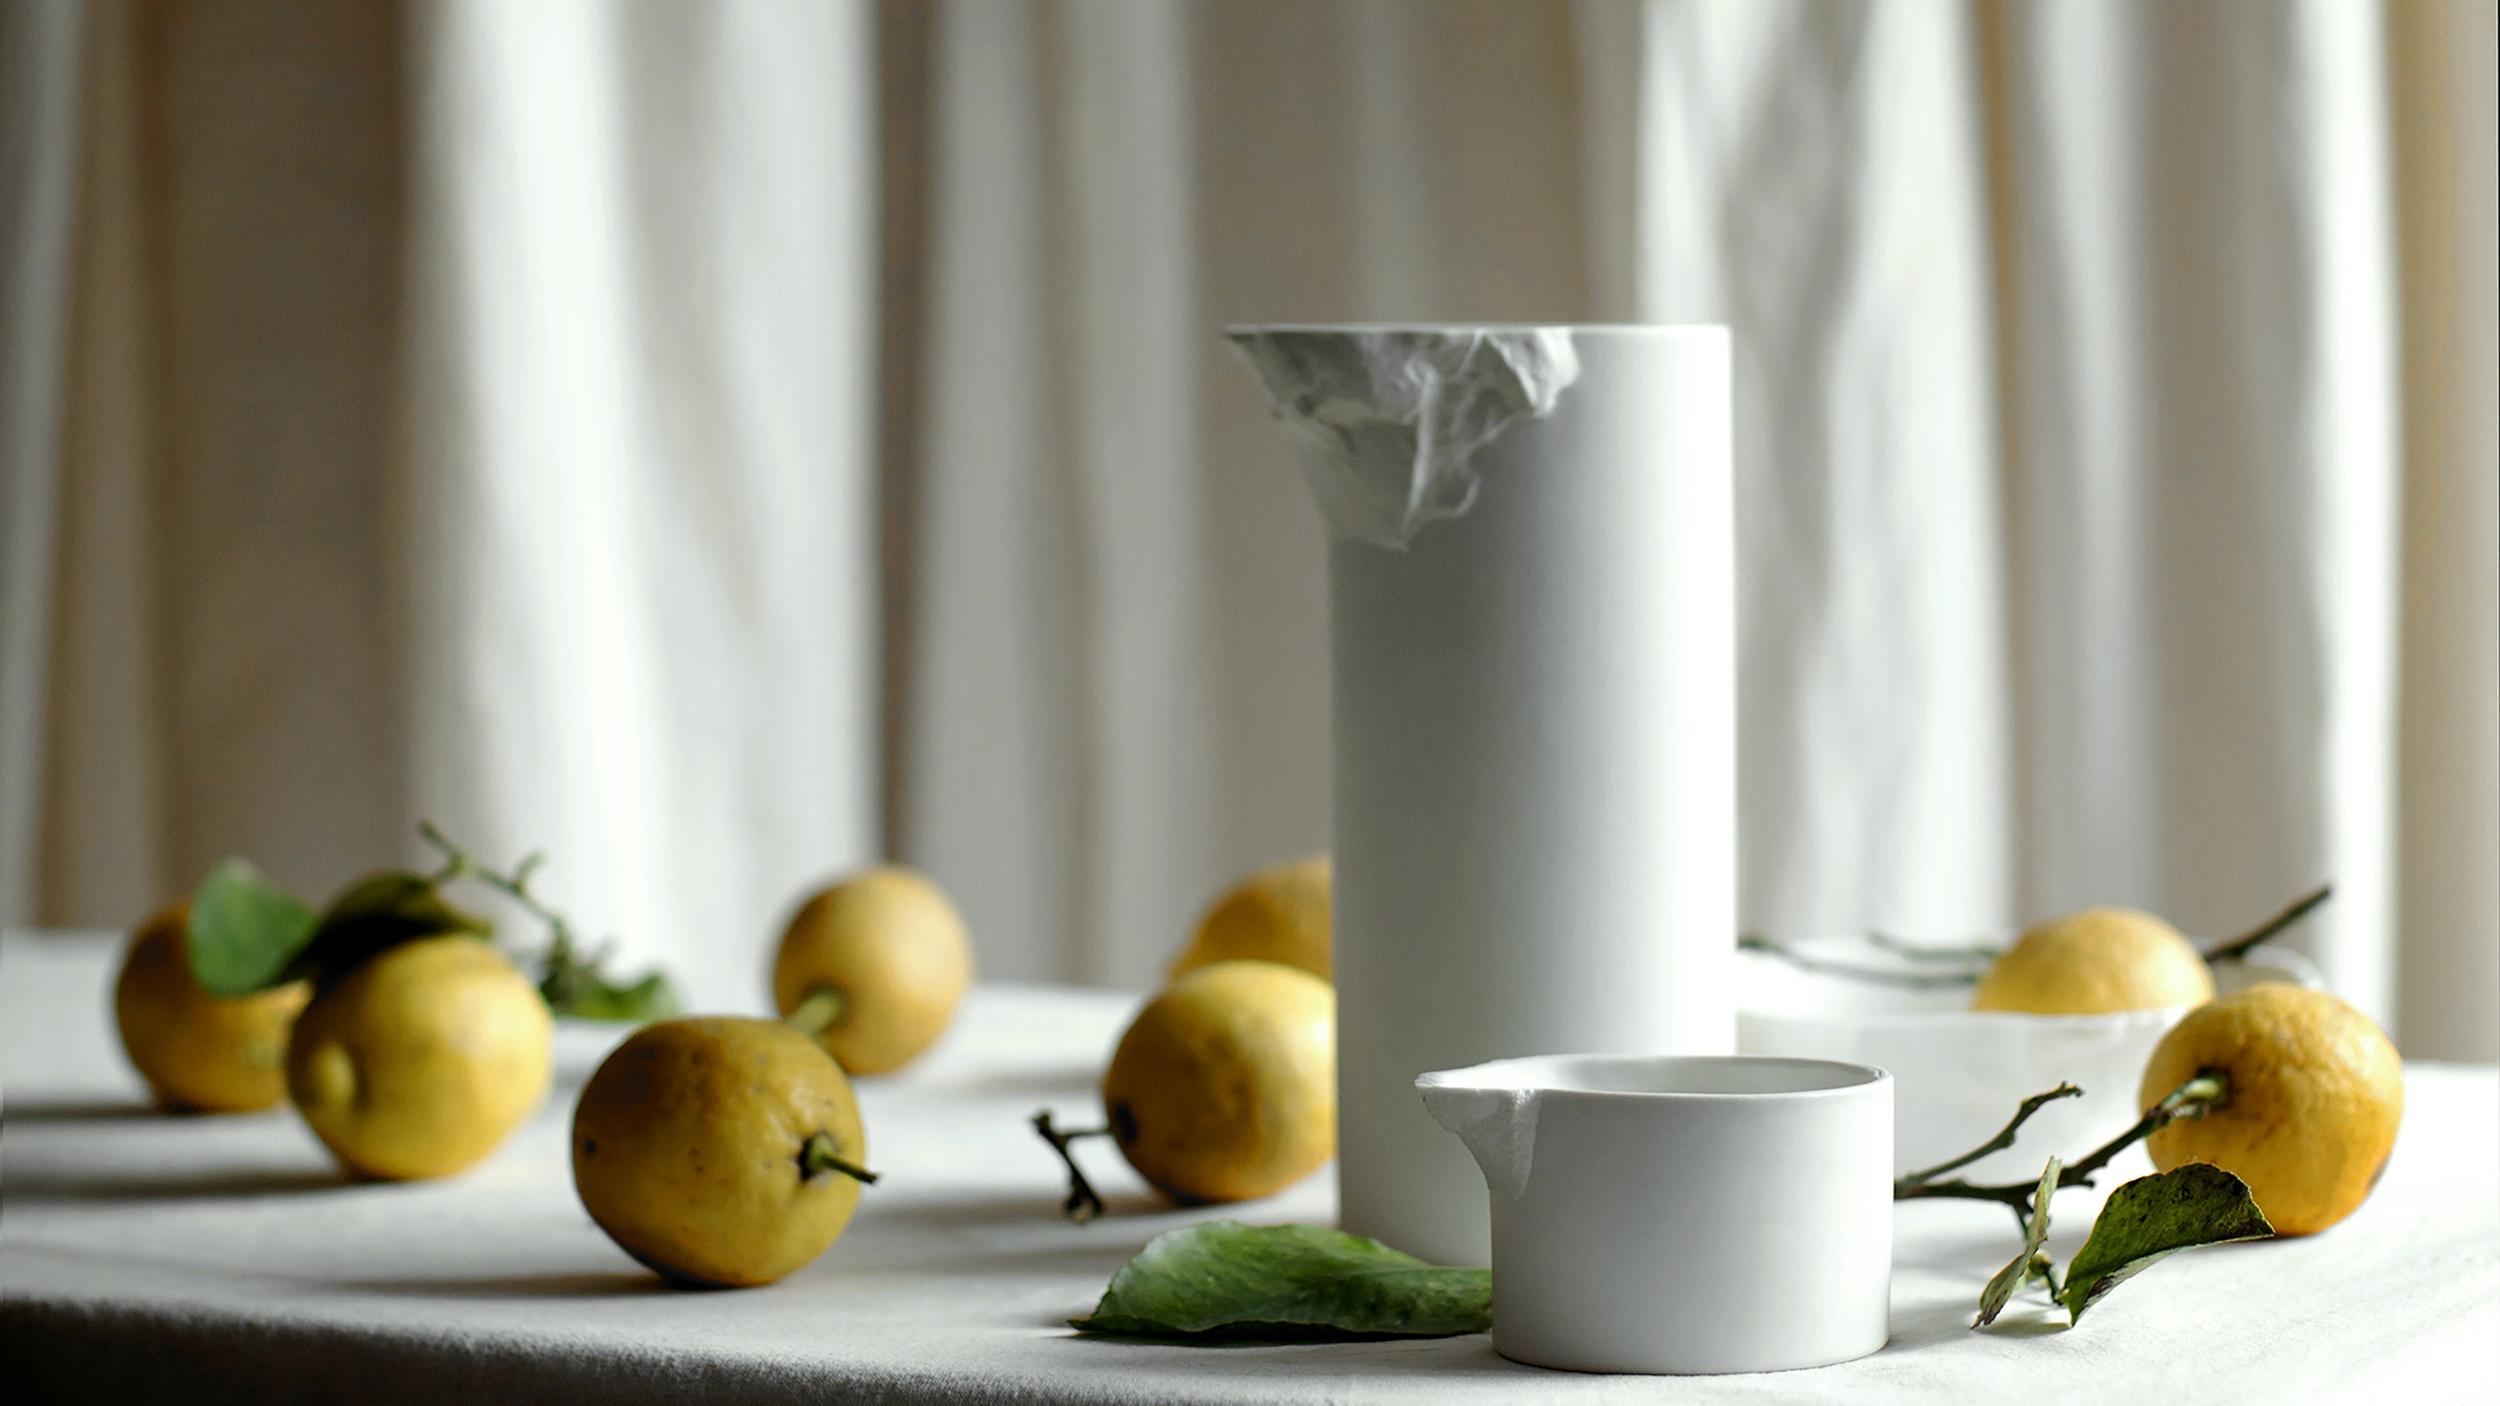 M&R MønsKlint citrus staged.jpg